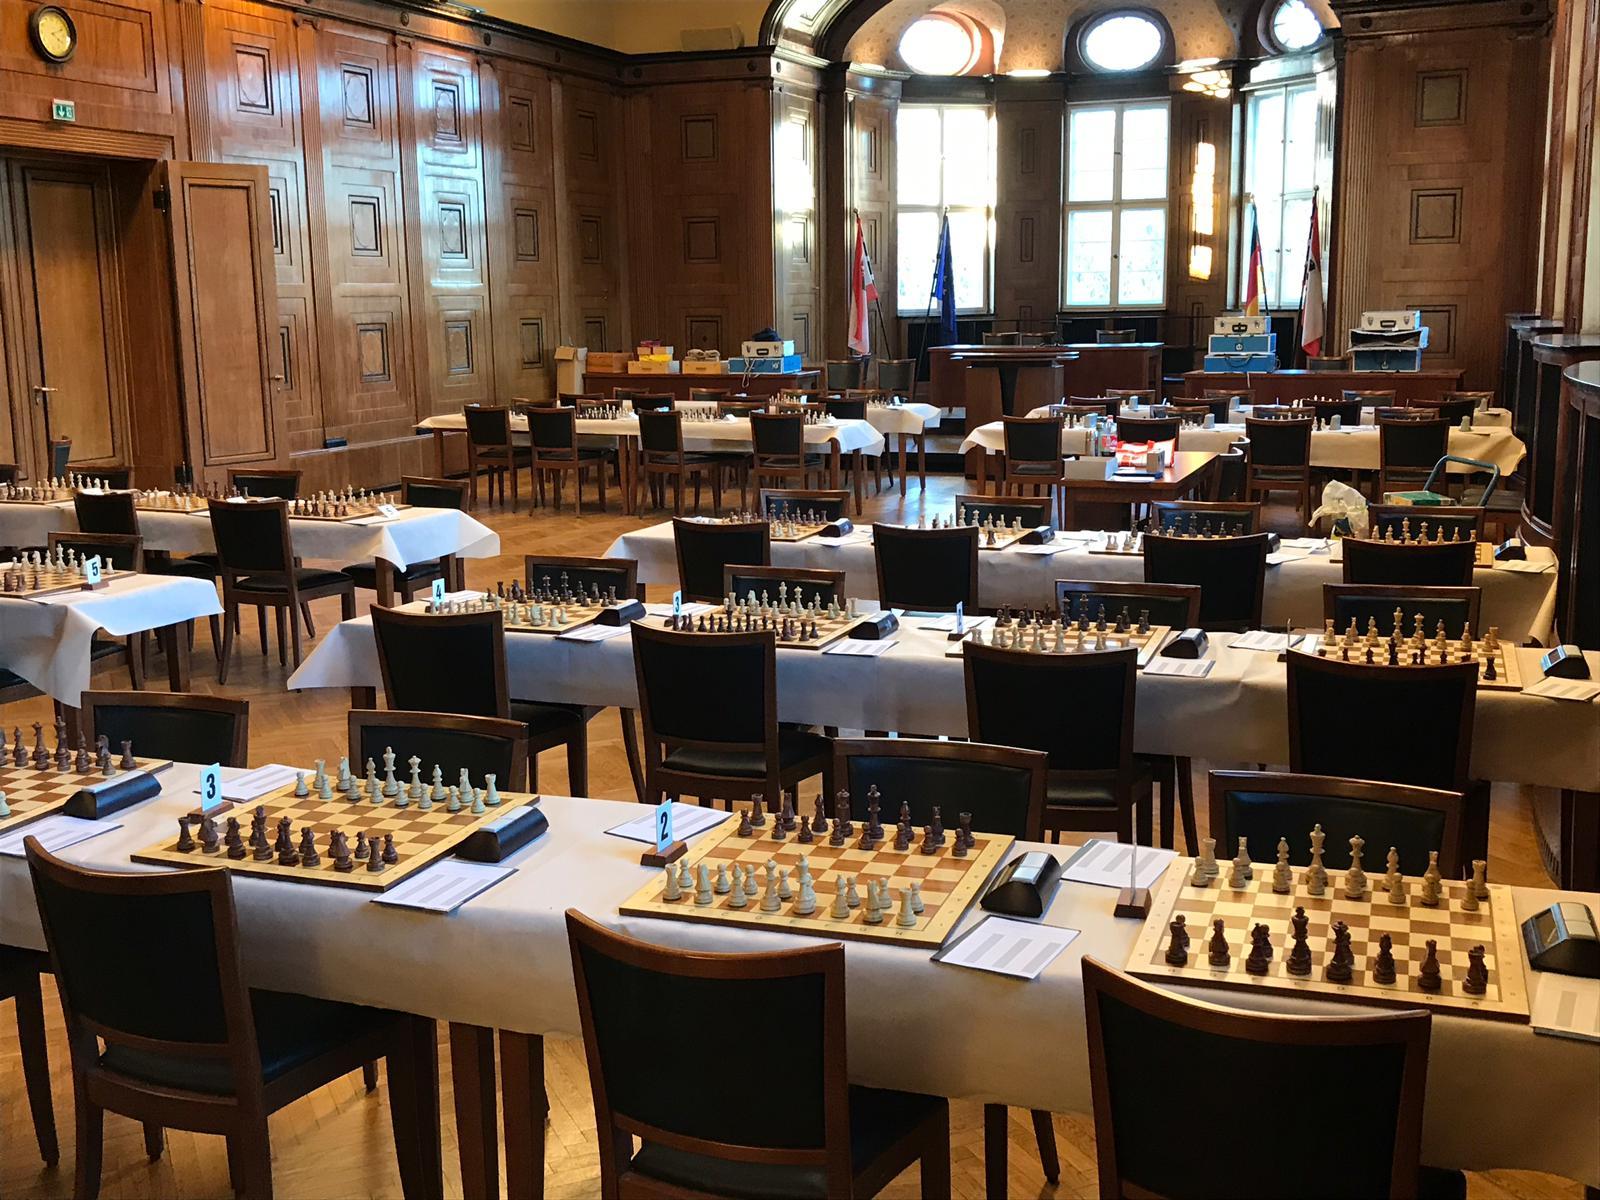 Ein Blick in den Bürgersaal im Rathaus Treptow BMM Saison 2019/20.